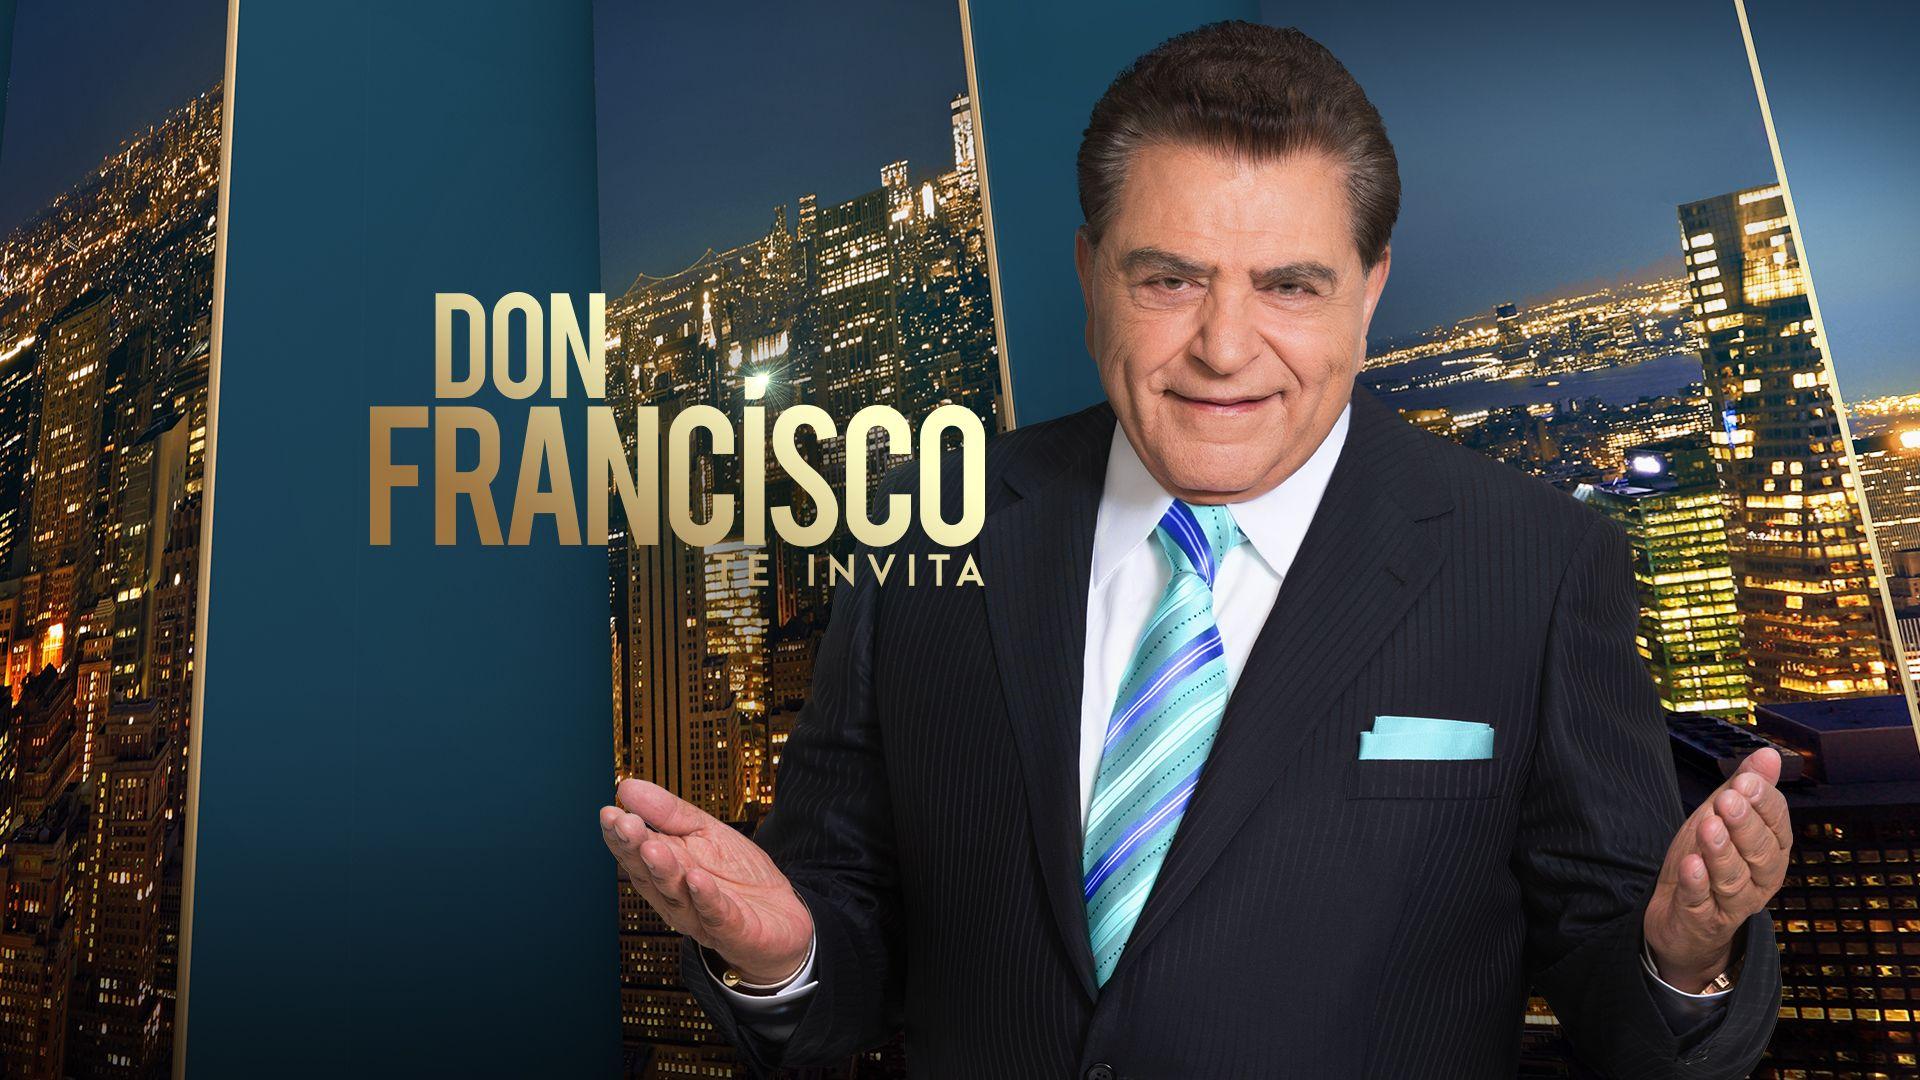 Don Francisco vuelve a la TV, de la mano de CNN en Español. Fuente externa.